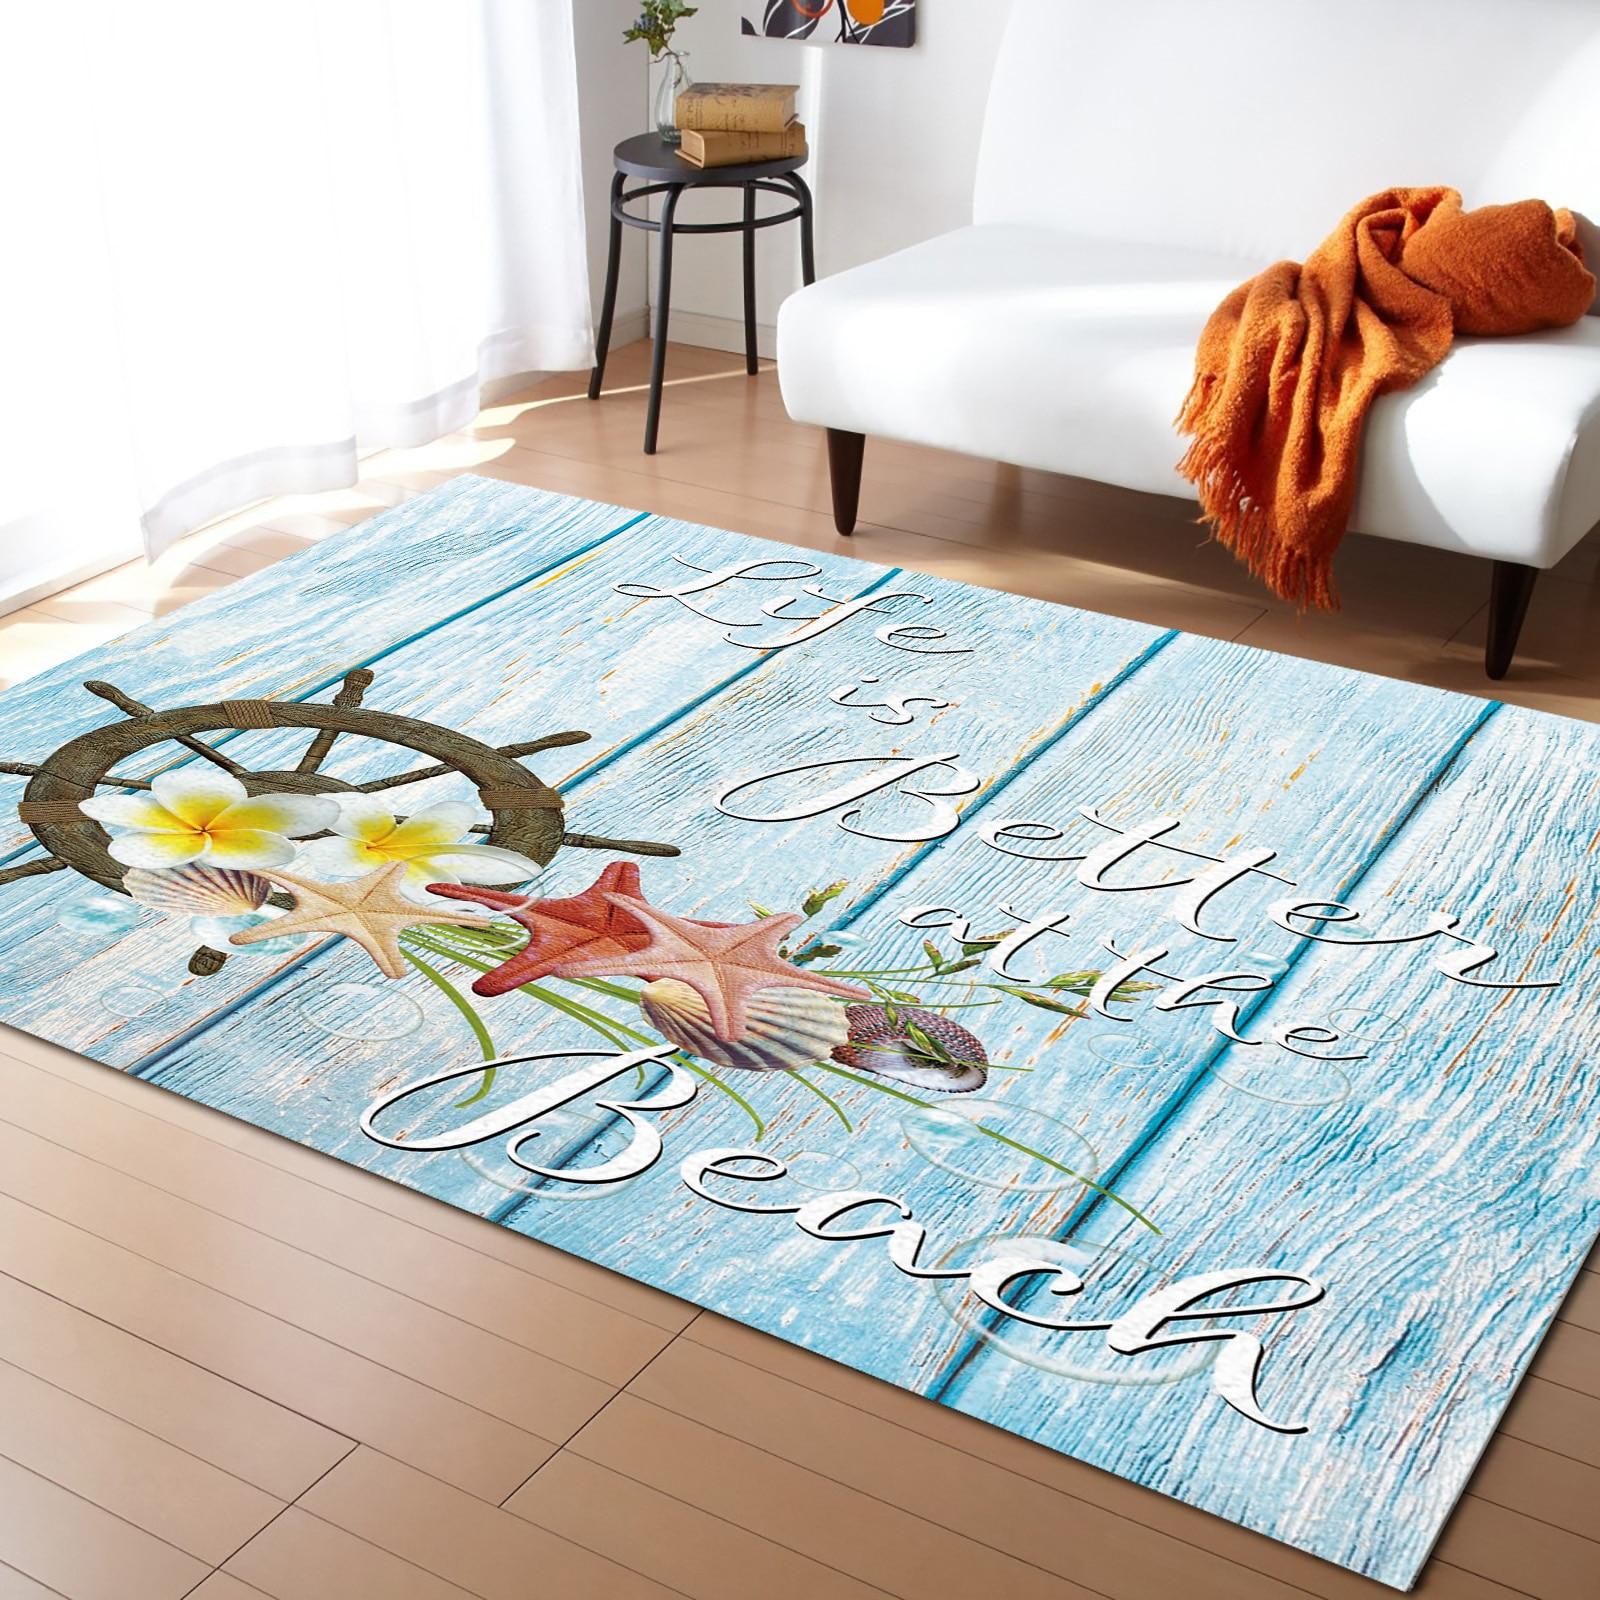 سجادة خشبية على شكل الدفة ، زهور ، نجم البحر ، نمط كاواي ، ديكور منزلي ، لغرفة النوم وغرفة المعيشة